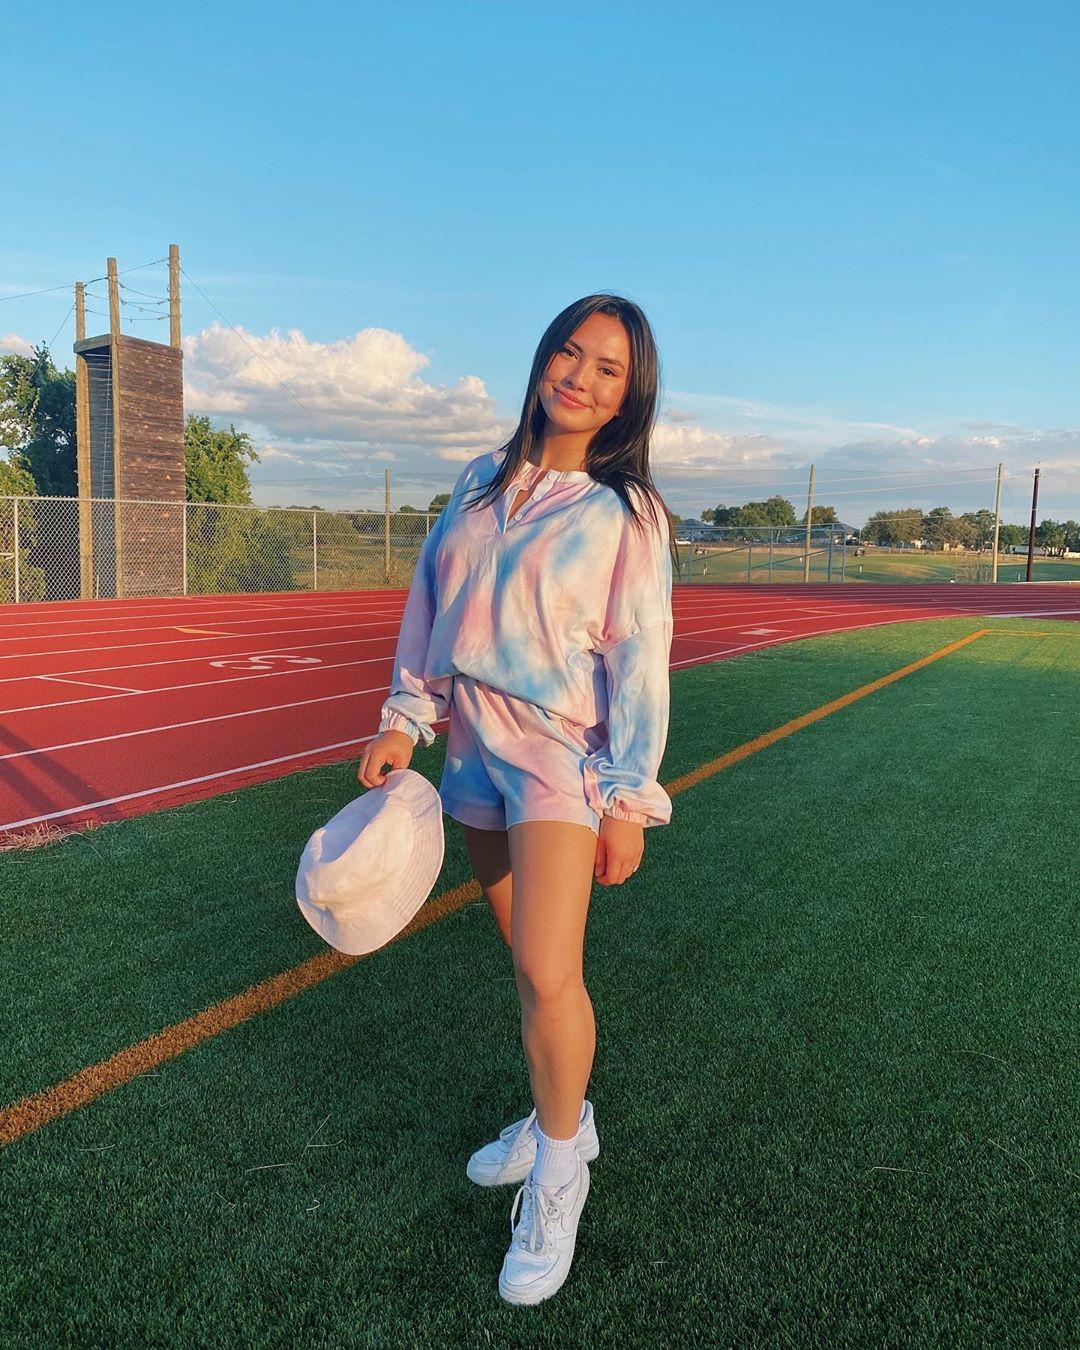 phong cách thời trang athleisure họa tiết tie dye pastel haley pham